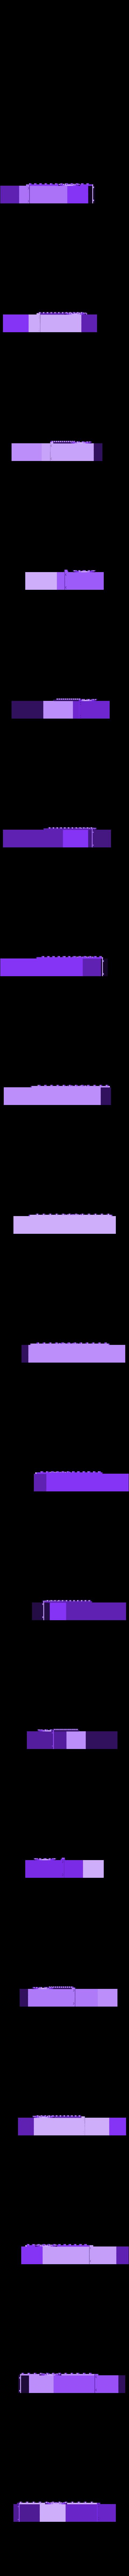 02.stl Download STL file MONAKO RC MODEL BOAT TUG • 3D printable template, maca-artwork